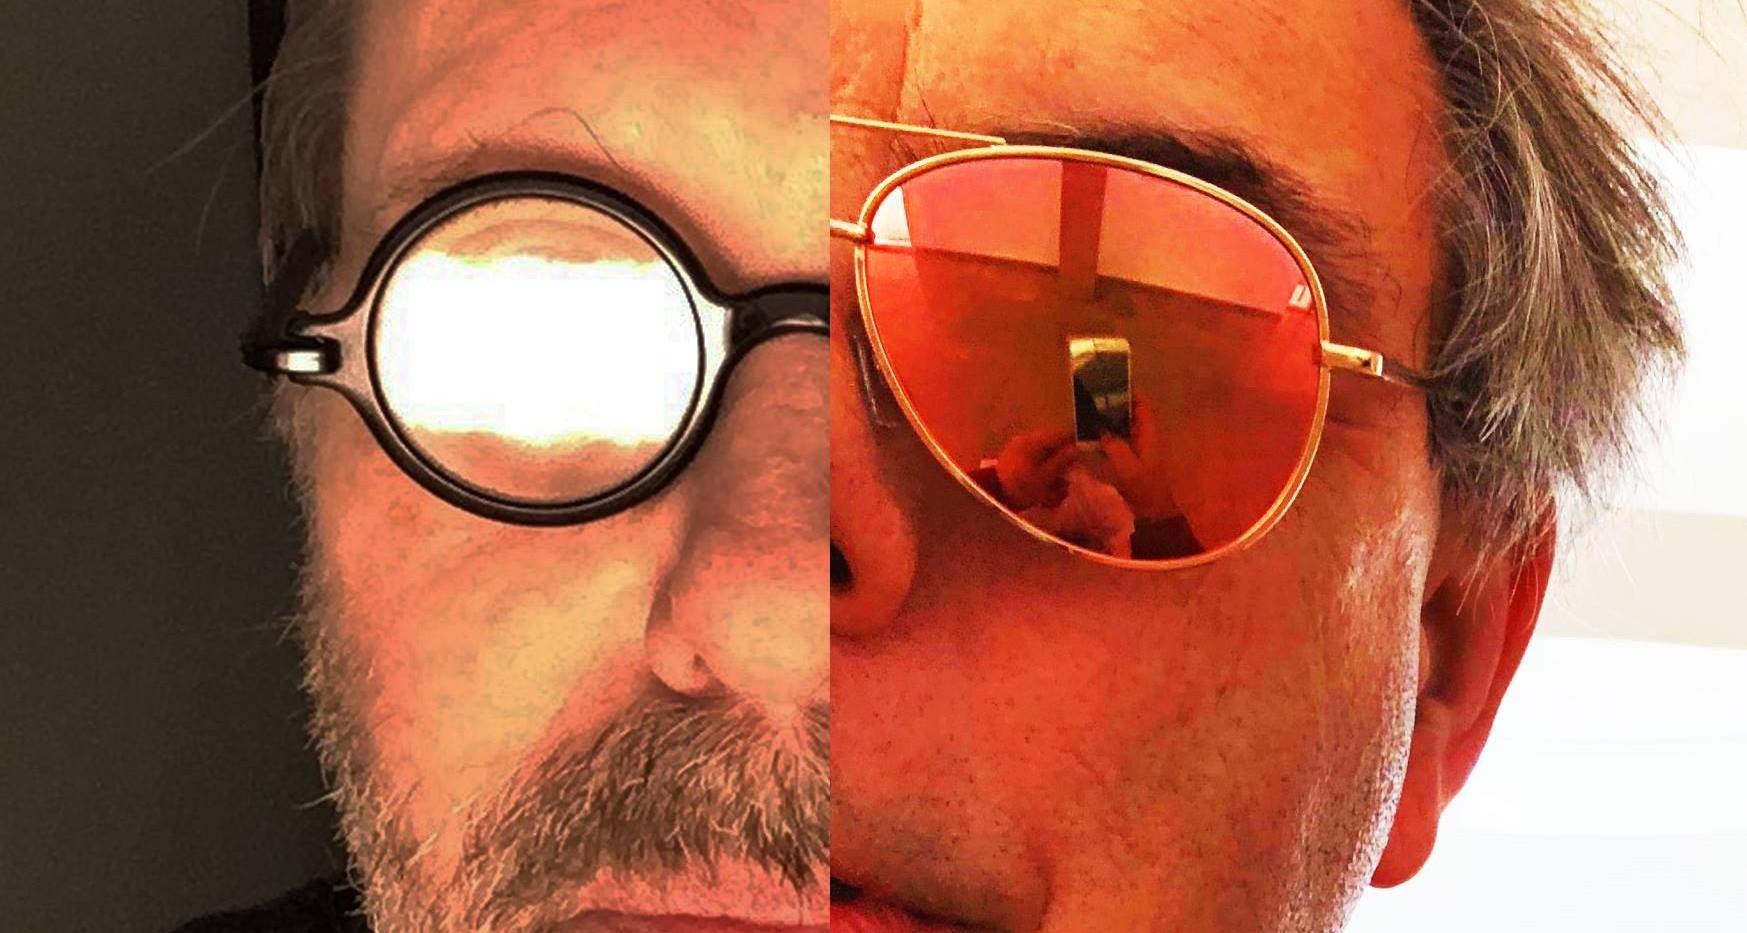 2 face.jpg